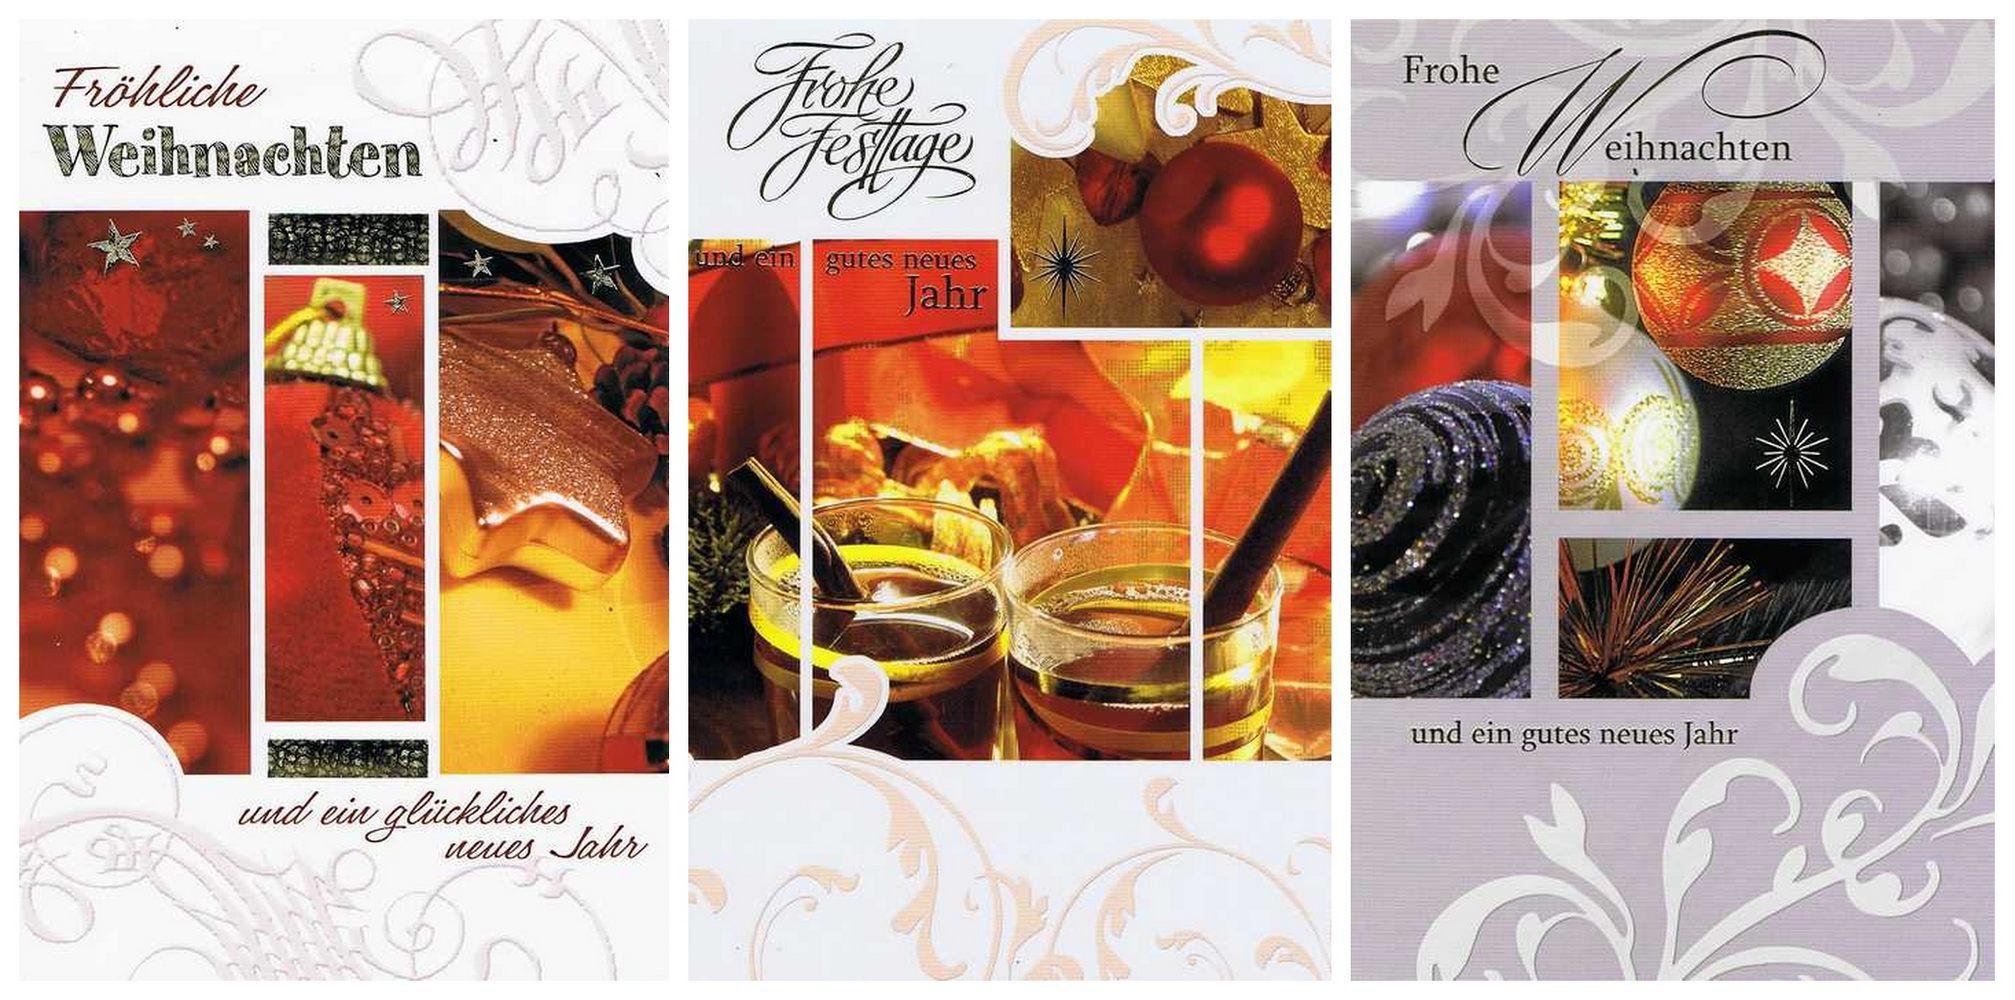 3 Weihnachtskarten mit netten Motiven für frohe Weihnachten